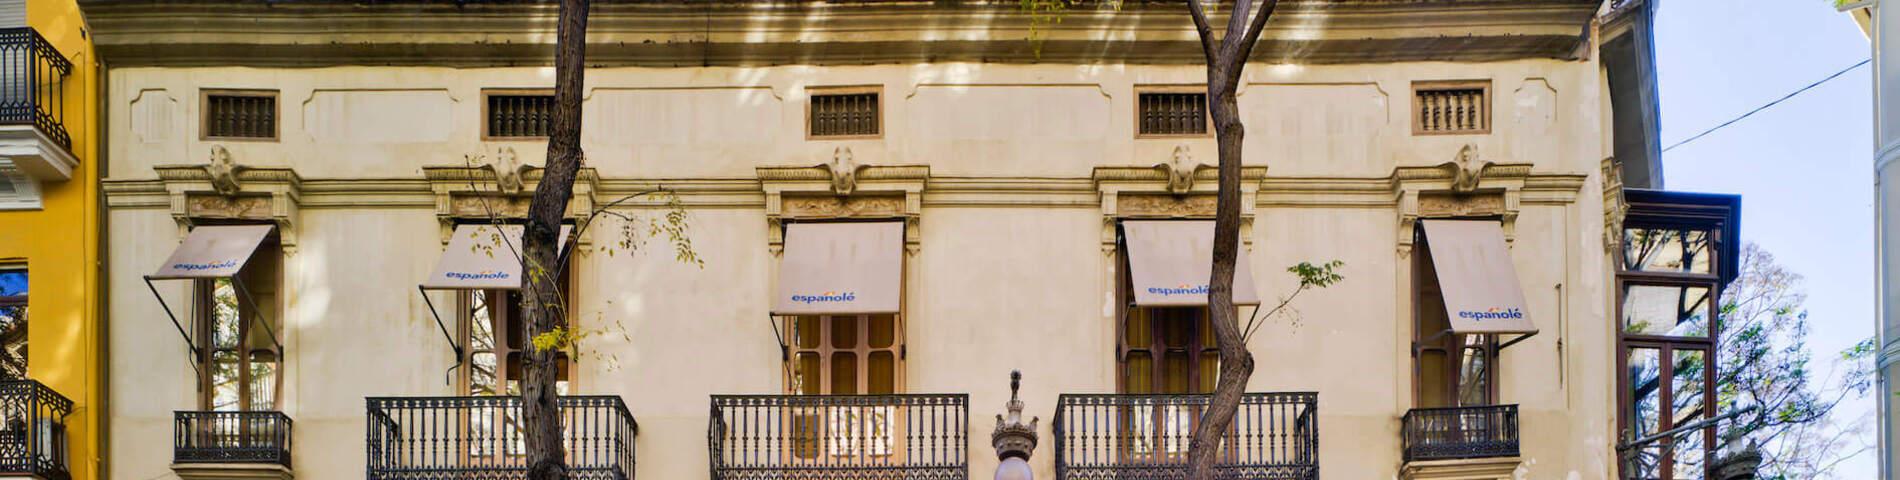 Españole International House kép 1